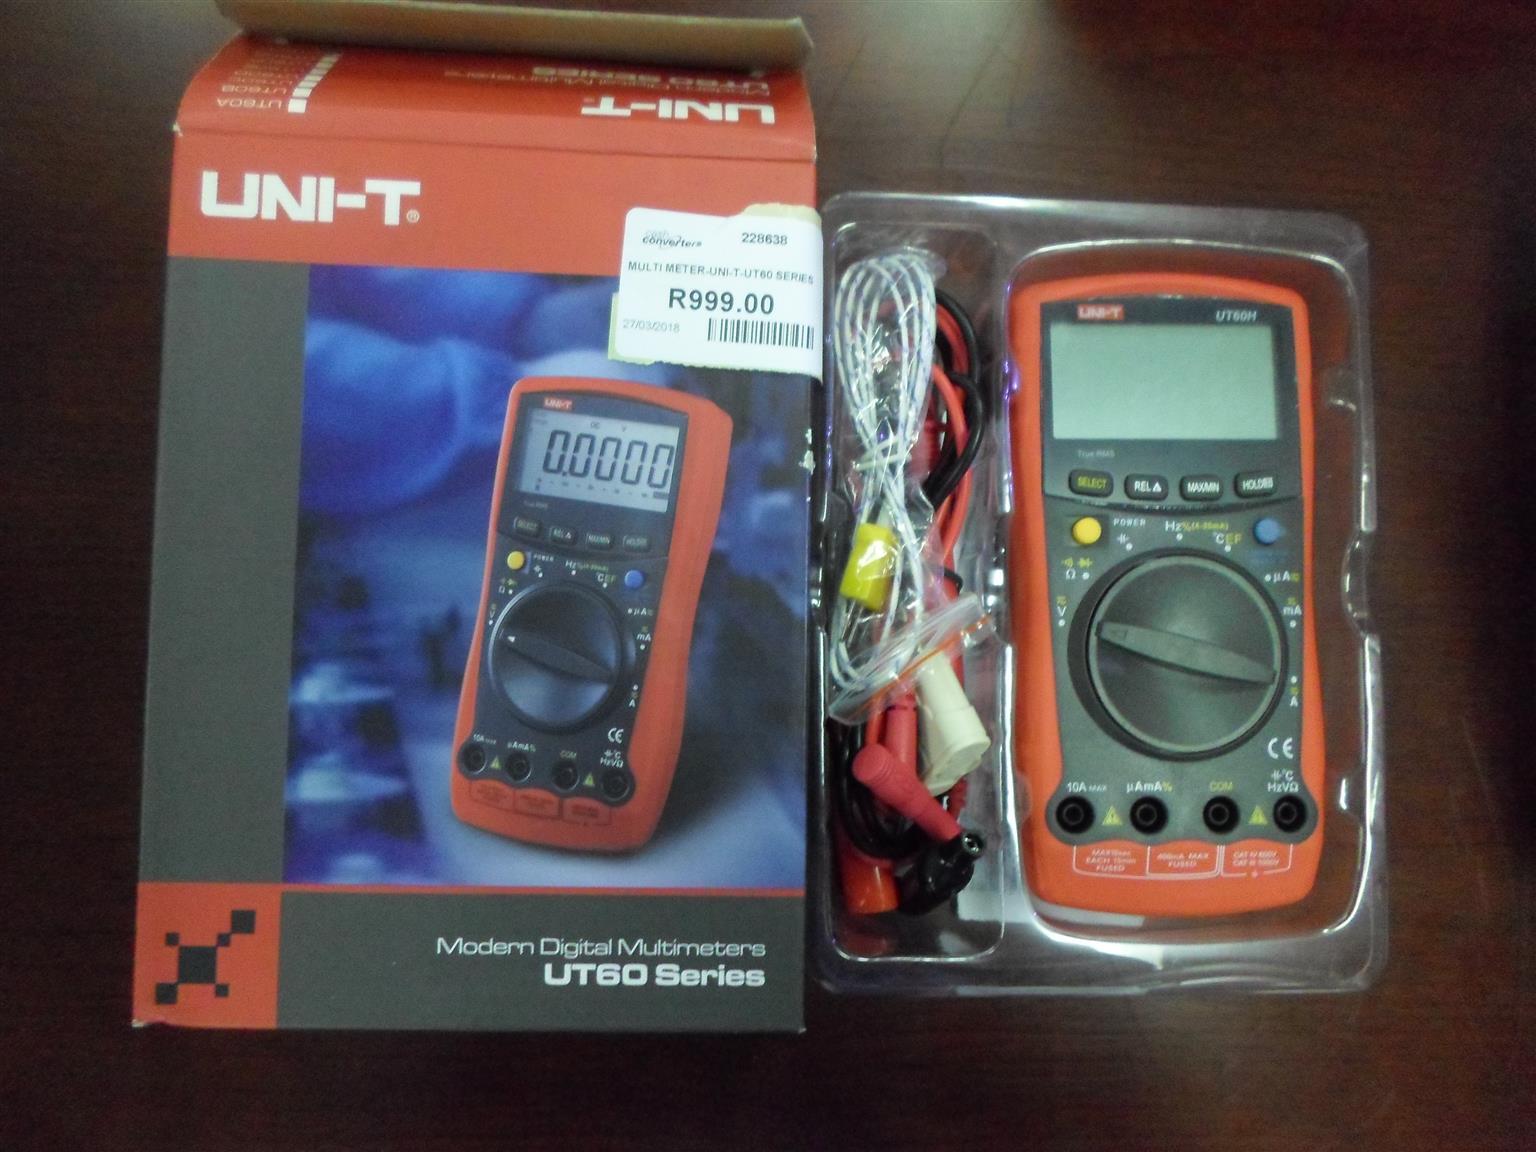 UNI-T UT60 Series Multimeter